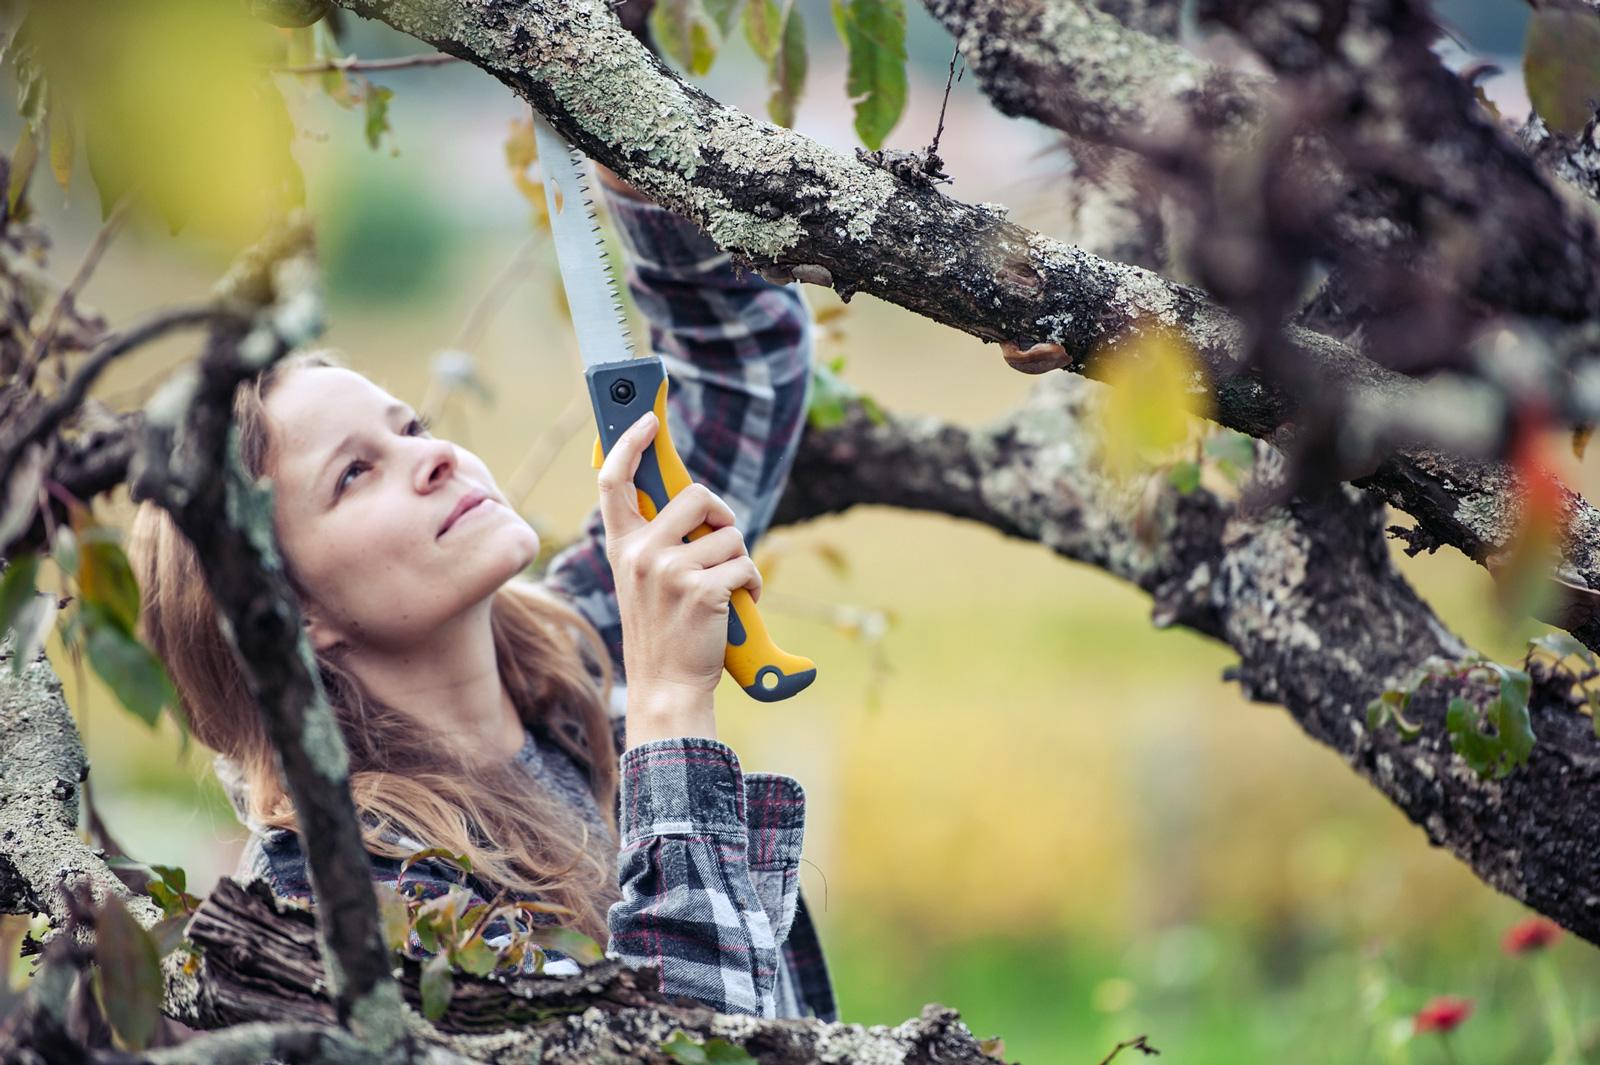 Bei Gartenarbeit mit Säge oder gar elektrischen Geräten sollte man immer besonders vorsichtig sein, denn sie sind eine häufige Unfallursache.